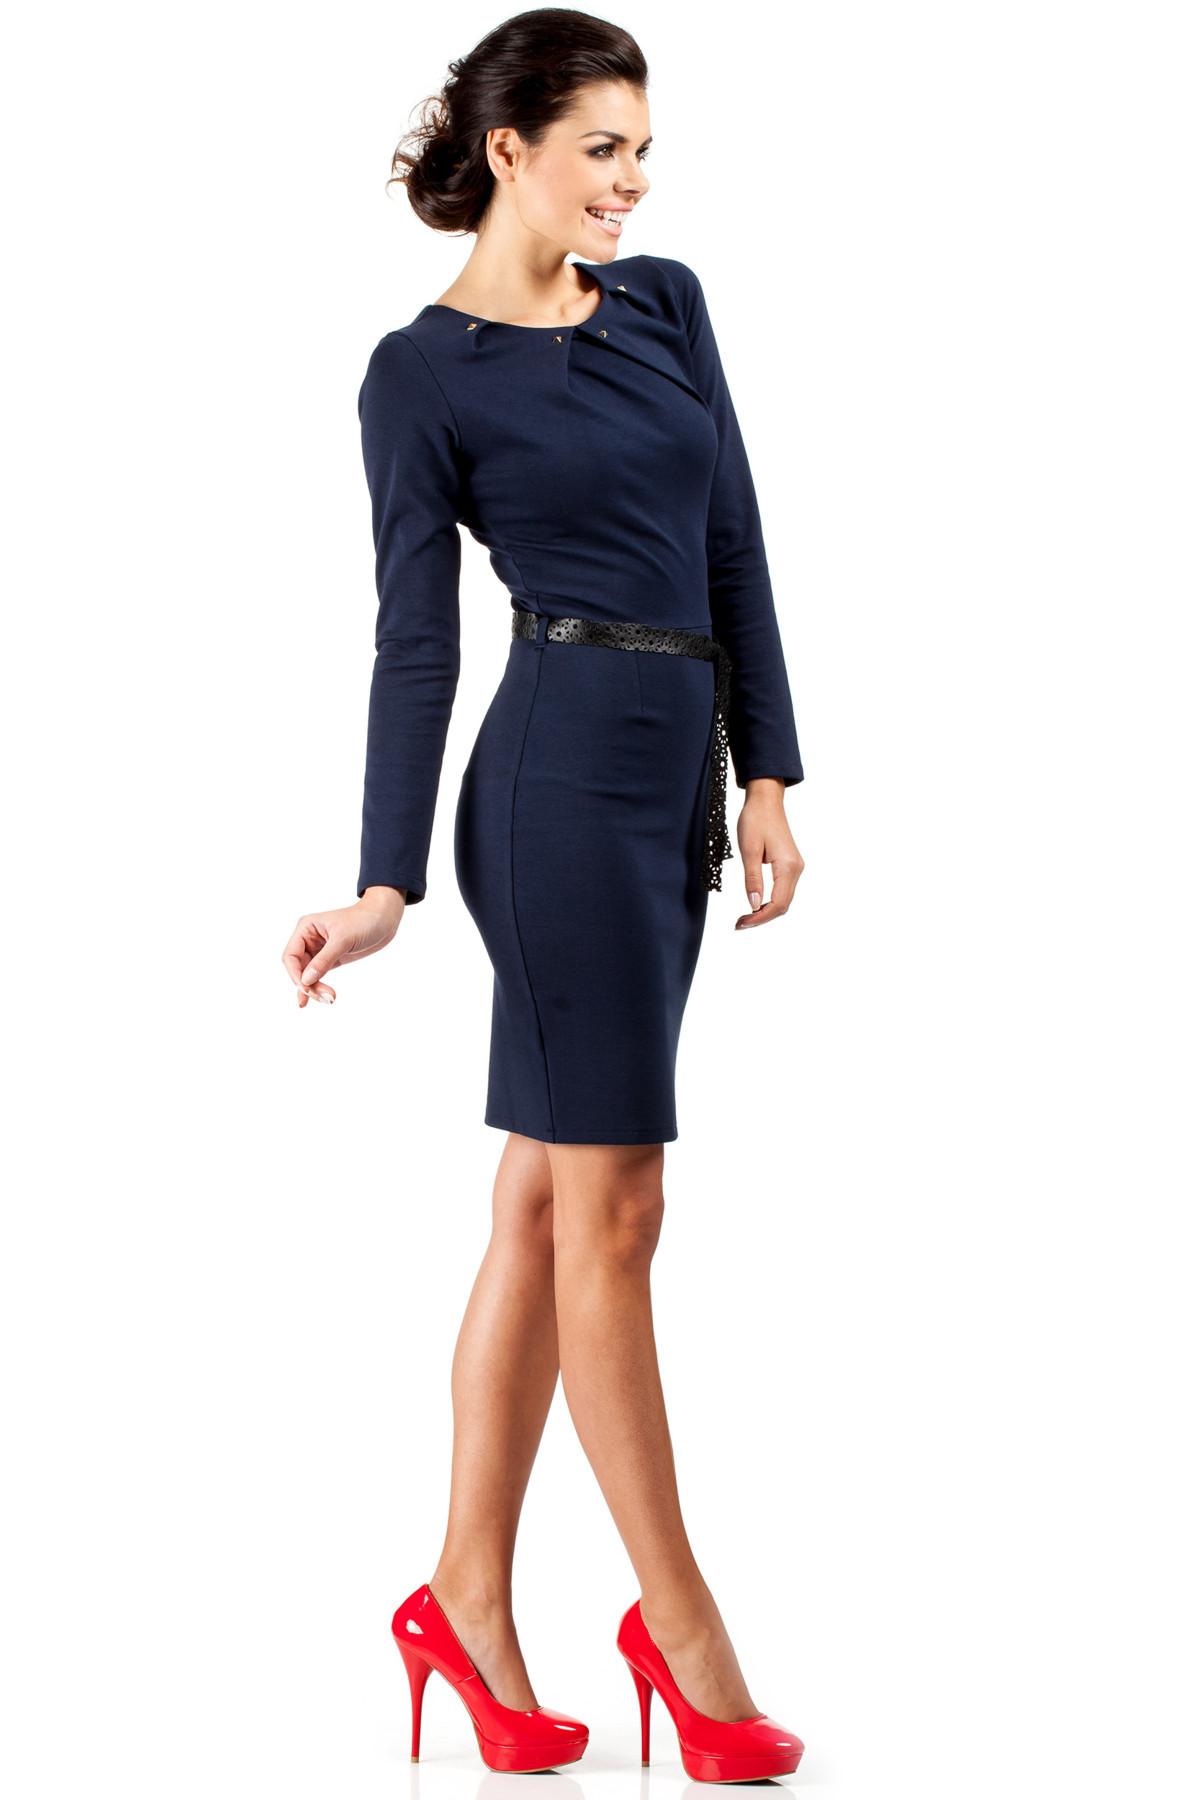 Dámske spoločenské šaty s opaskom tmavo modré - Tmavo modrá - MOE 40